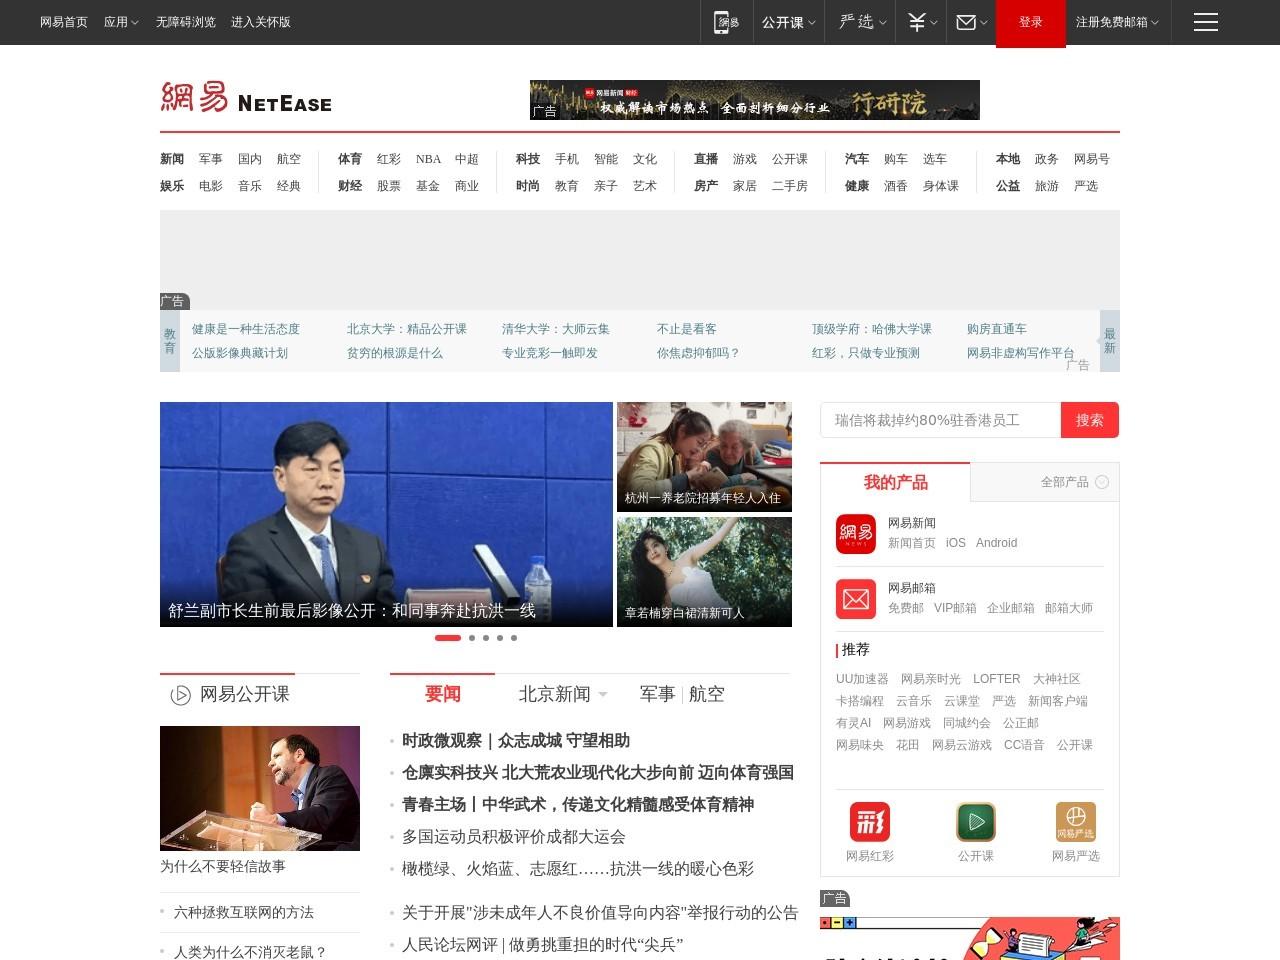 苏群谈湖人大胜篮网:屠杀始于欧文施罗德被驱逐 裁判不解风情 凯里·欧文 篮网队_网易订阅